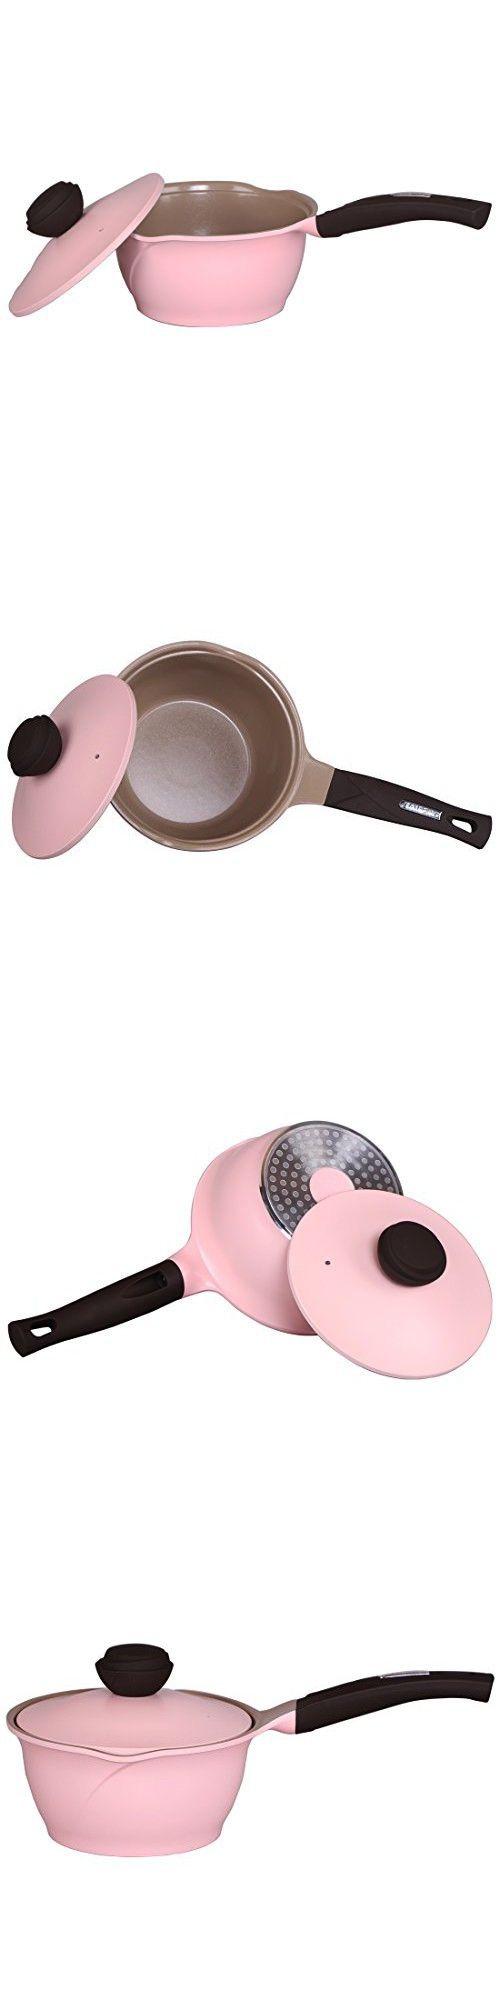 TAIFENG Modern Nonstick Ceramic Milk Pan With Pot Lid,1 Quart Butter Warmer,Pink Stockpot,1 Piece Saucepan